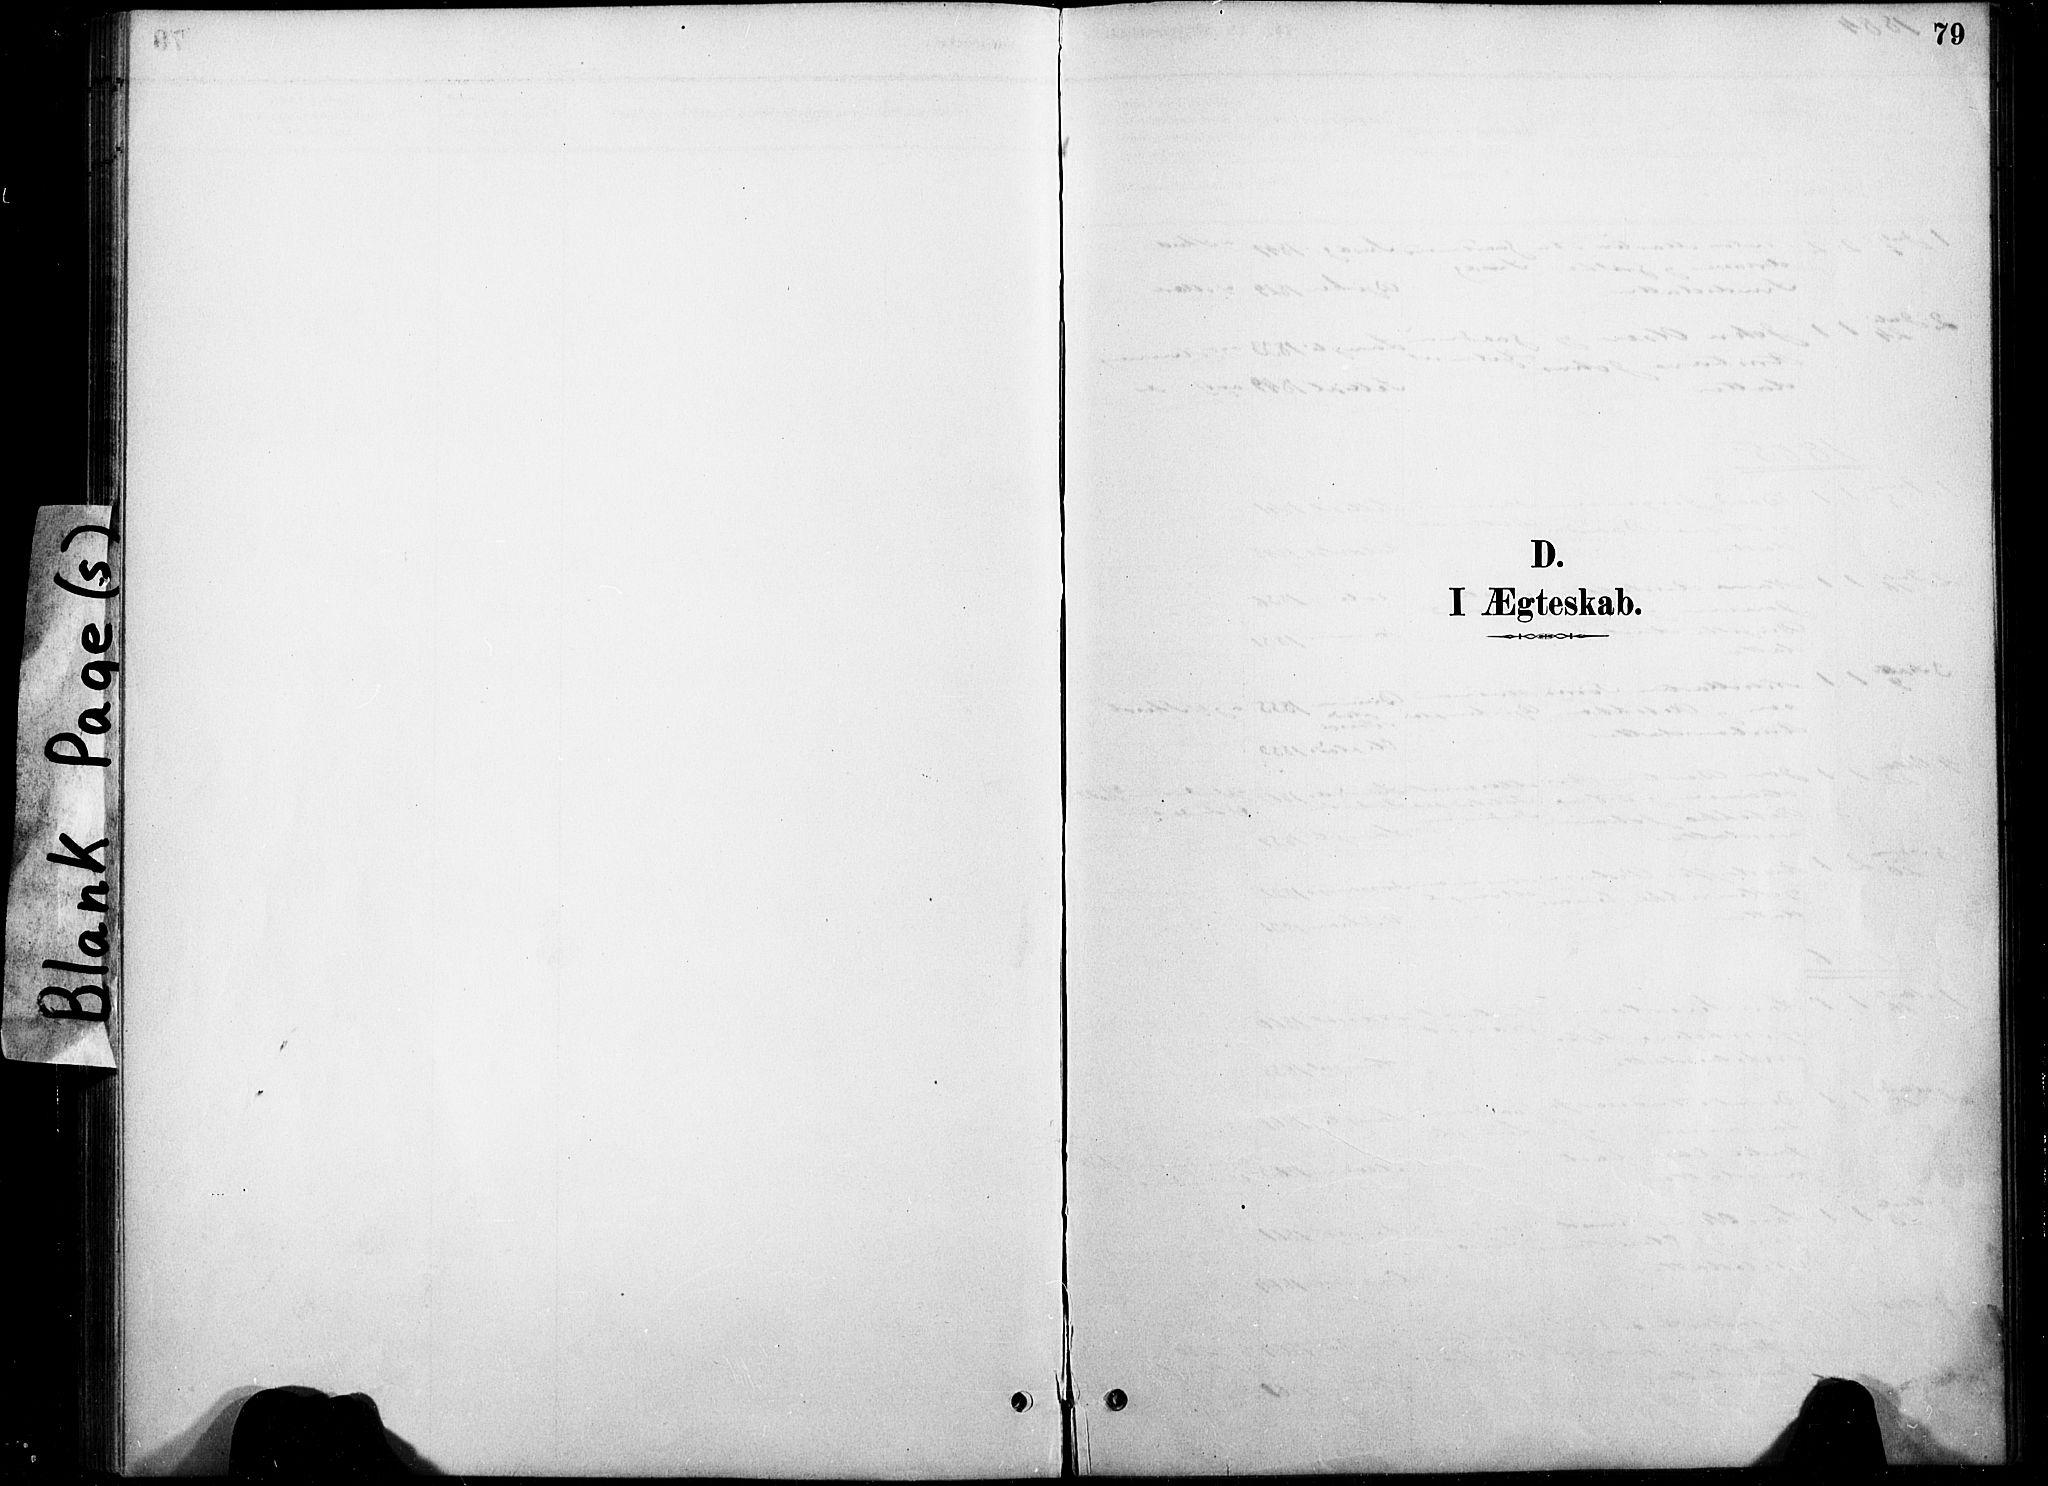 SAT, Ministerialprotokoller, klokkerbøker og fødselsregistre - Nord-Trøndelag, 738/L0364: Ministerialbok nr. 738A01, 1884-1902, s. 79